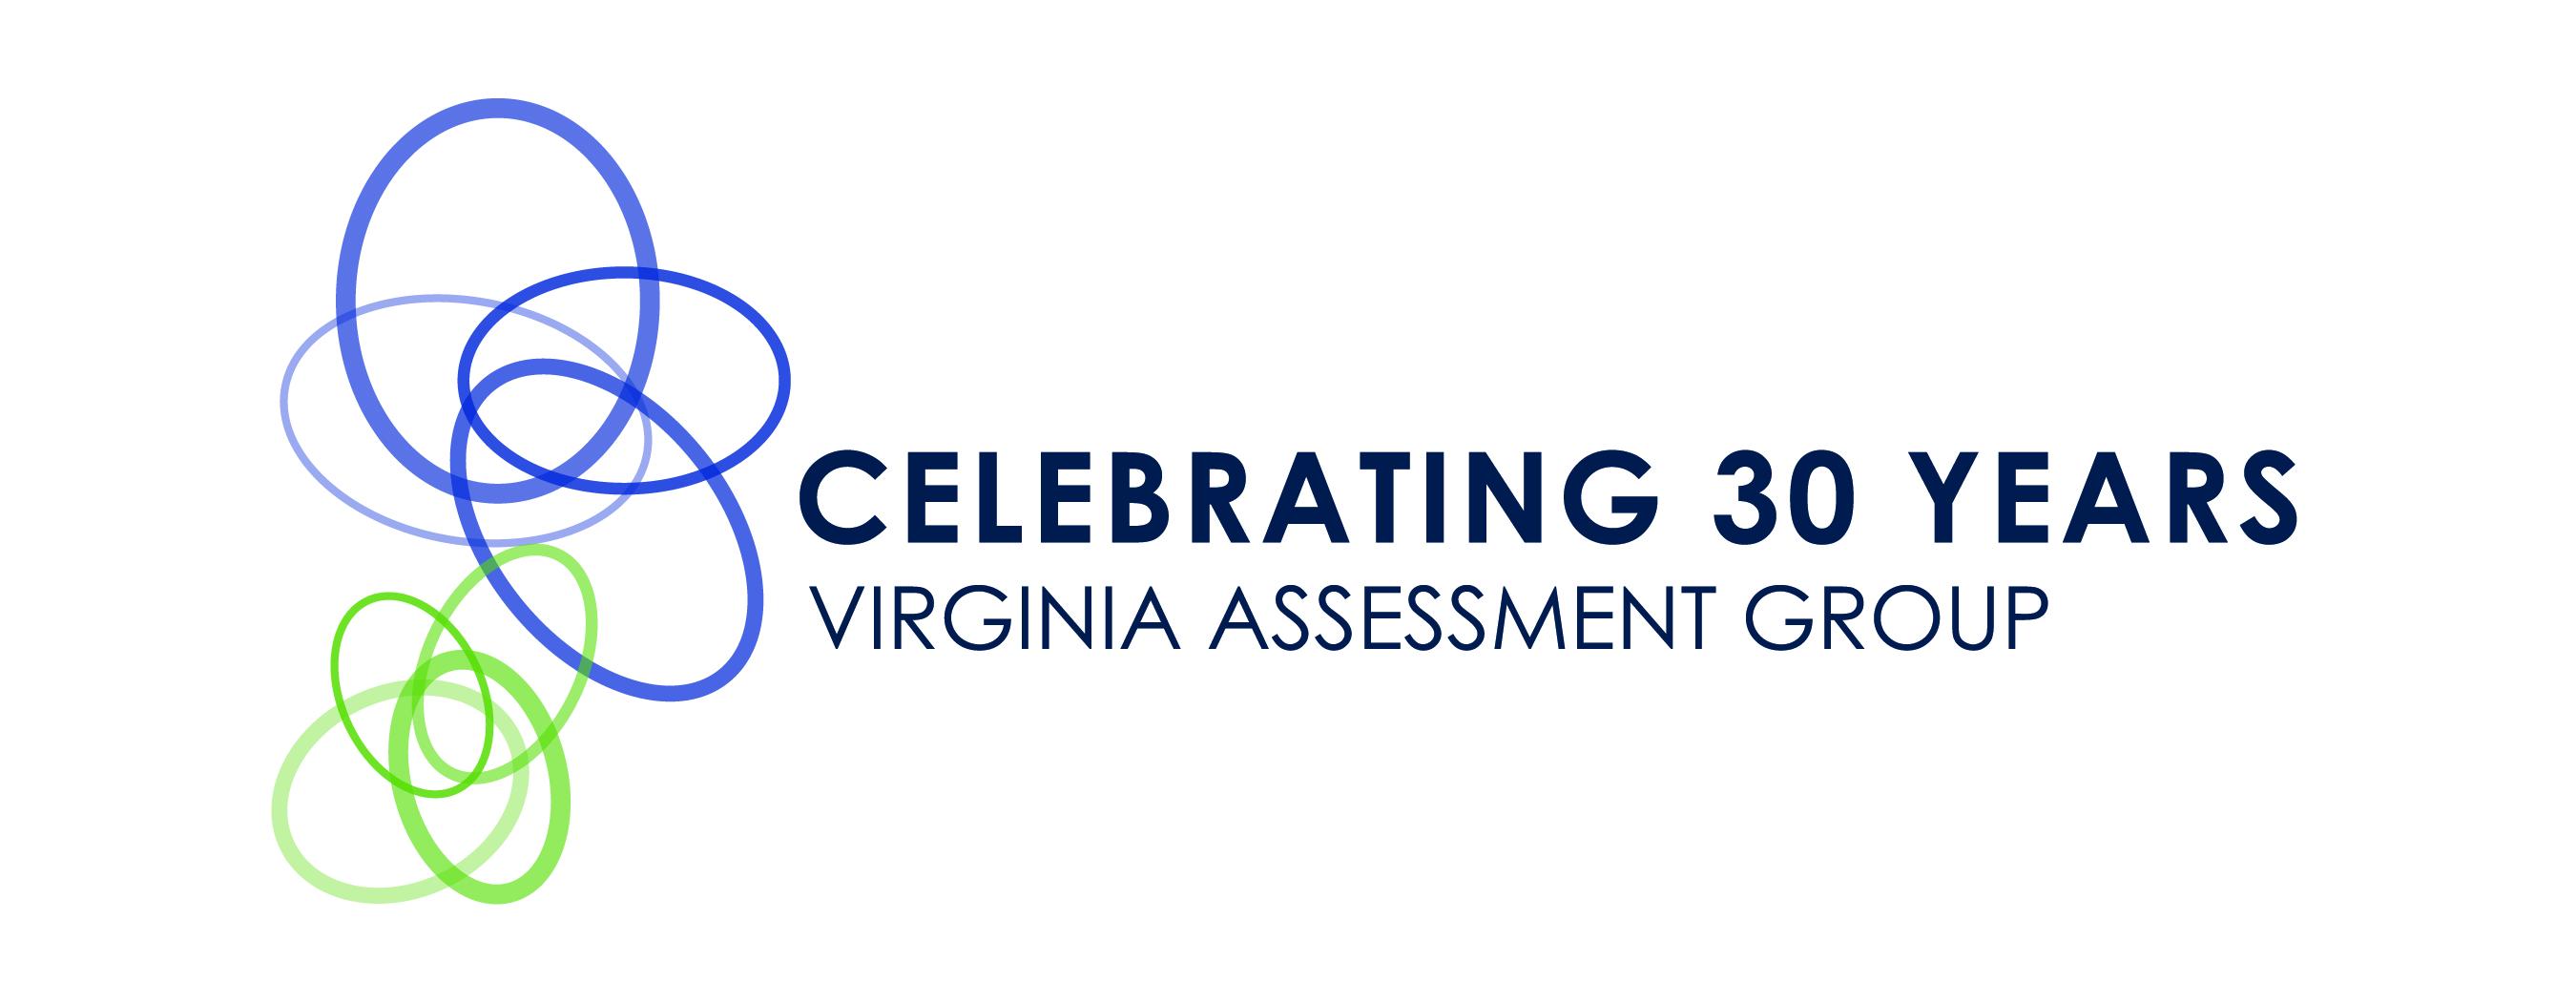 VAG 30th anniversary logo